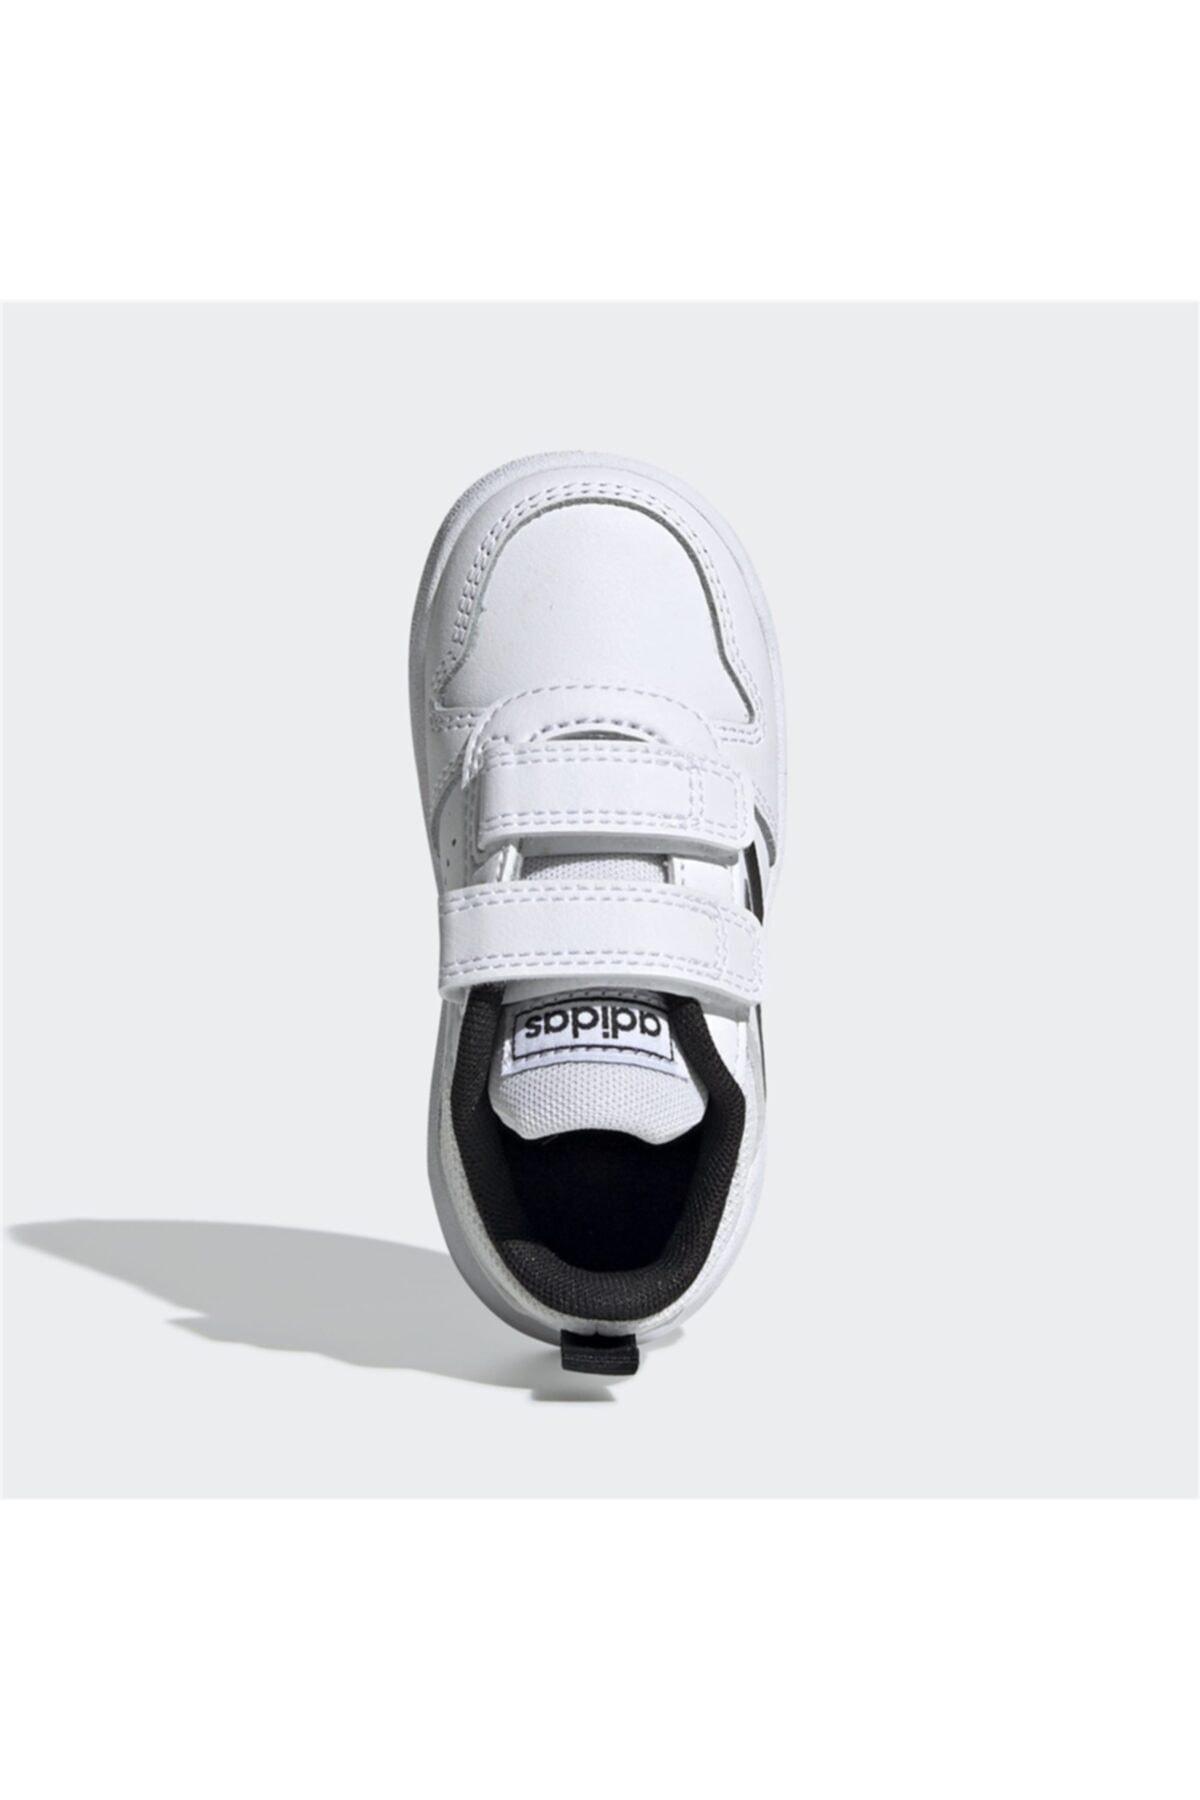 adidas Tensaur I Çocuk Günlük Ayakkabı - Ef1103 2